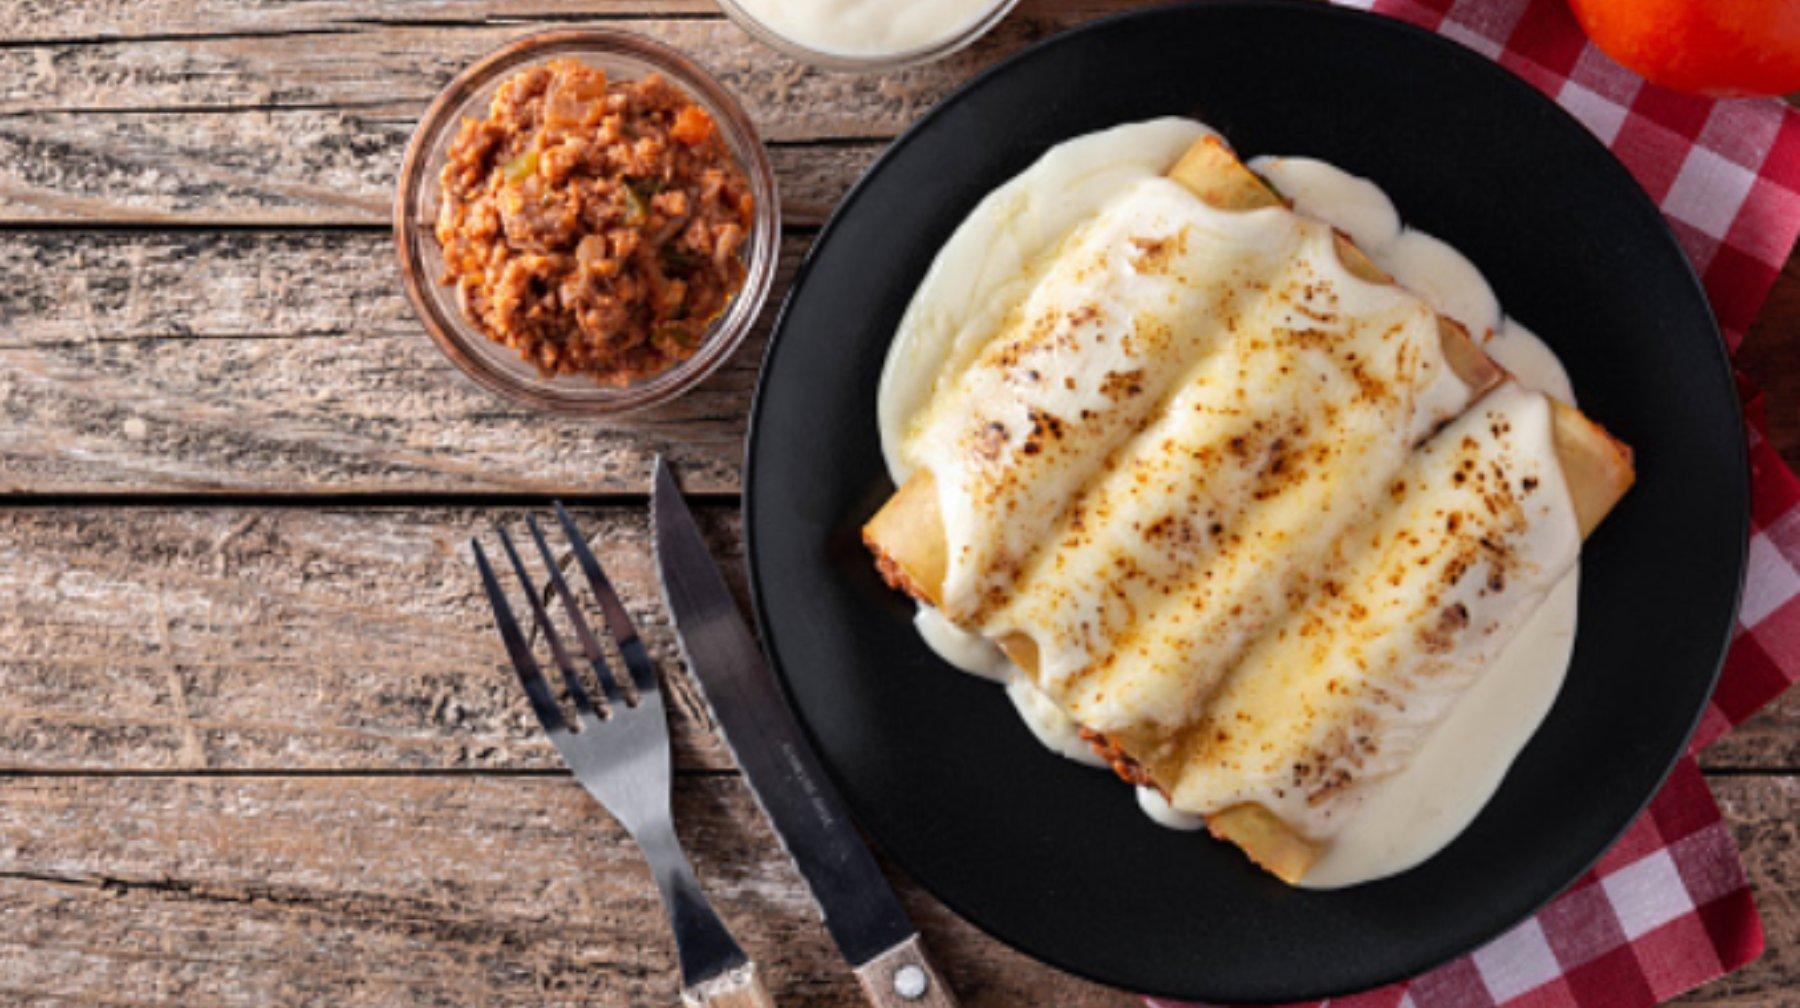 Canelones de pollo con bechamel: una receta italiana